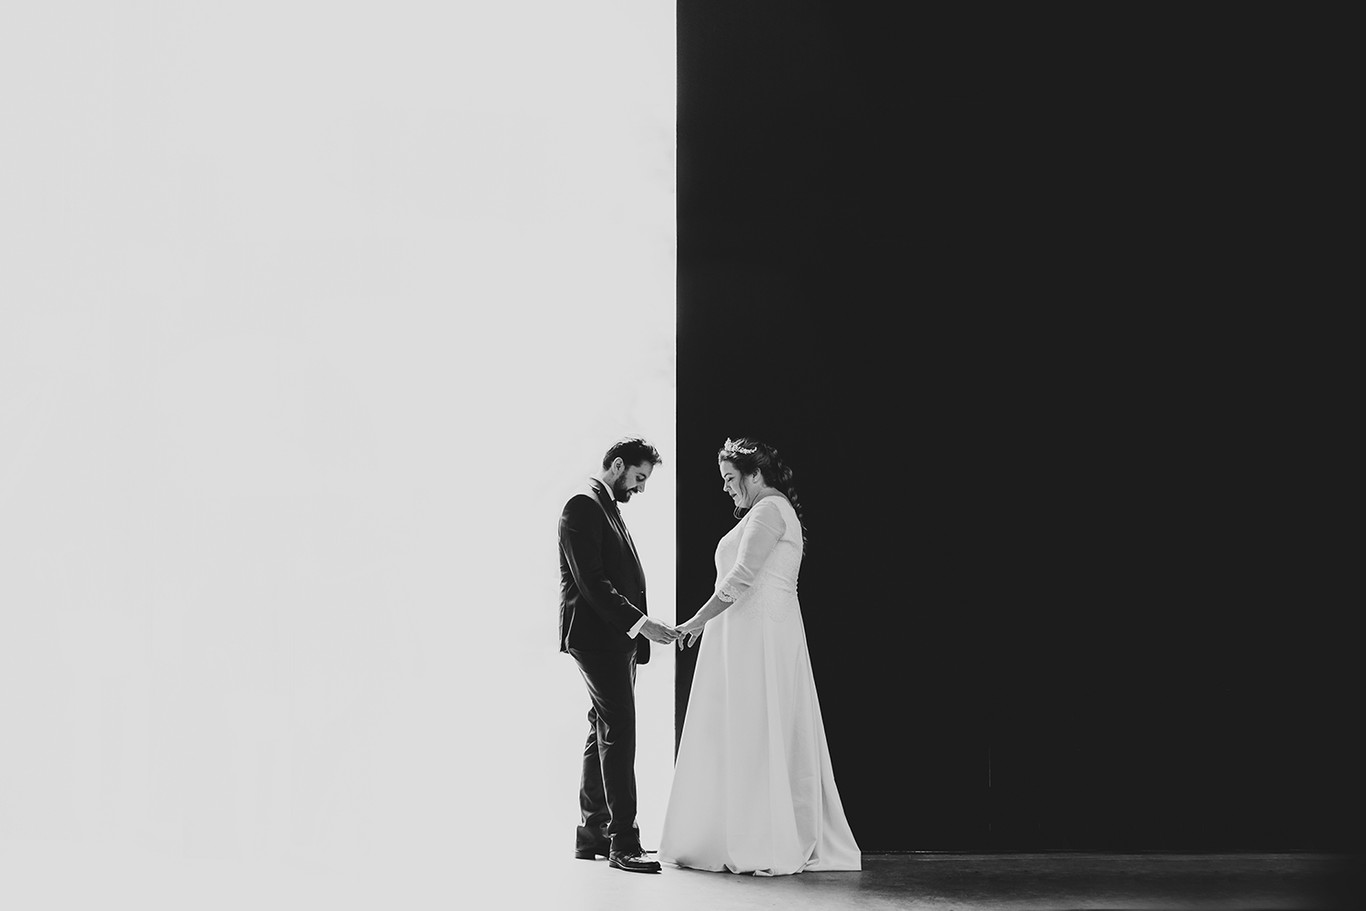 Daniel Alonso: El cine llevado a la unión a través de la fotografía de bodas